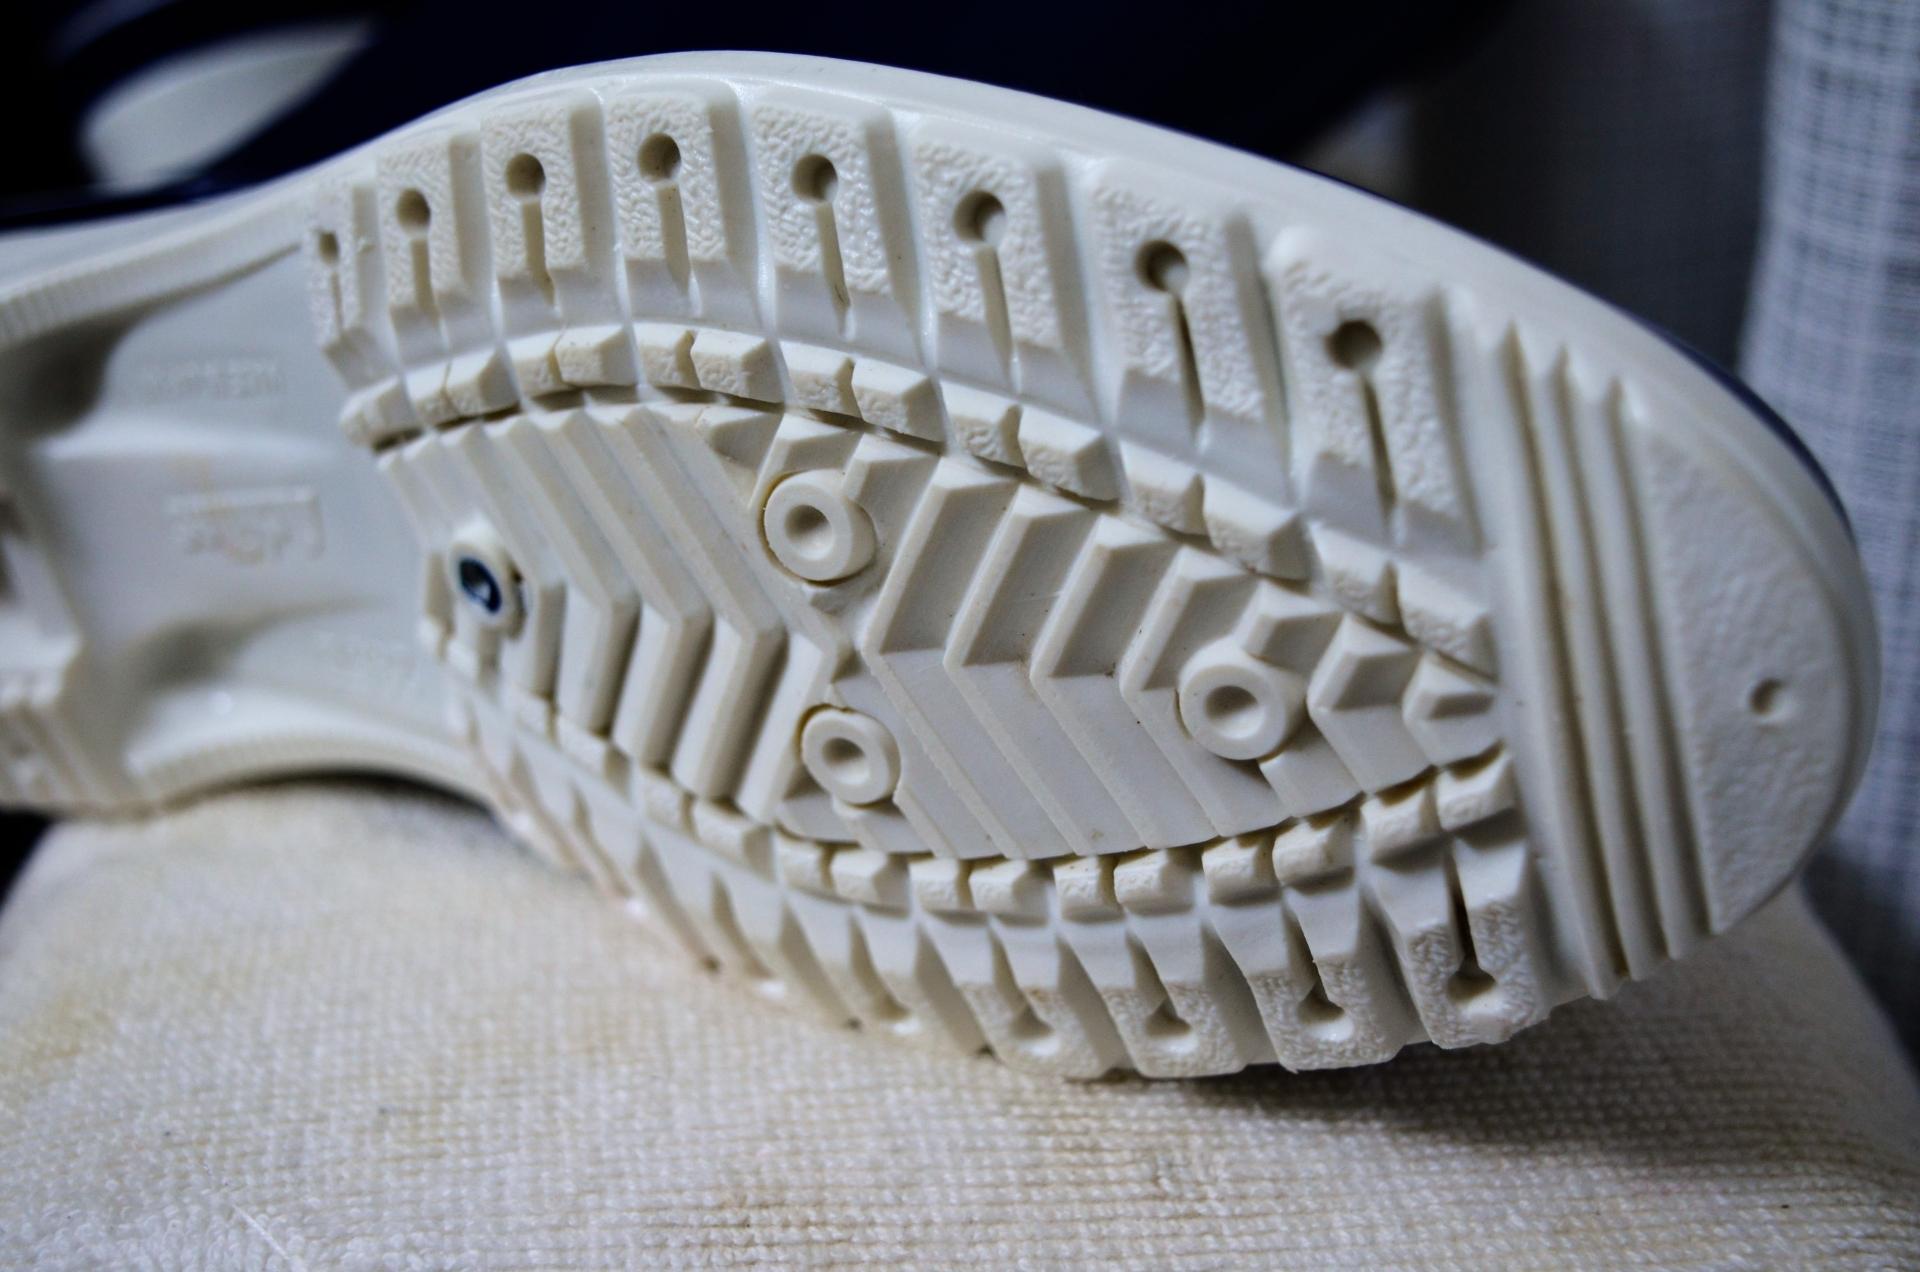 簡単に装着できる雪道用滑り止めを購入!道路凍結時も安心の靴対策!